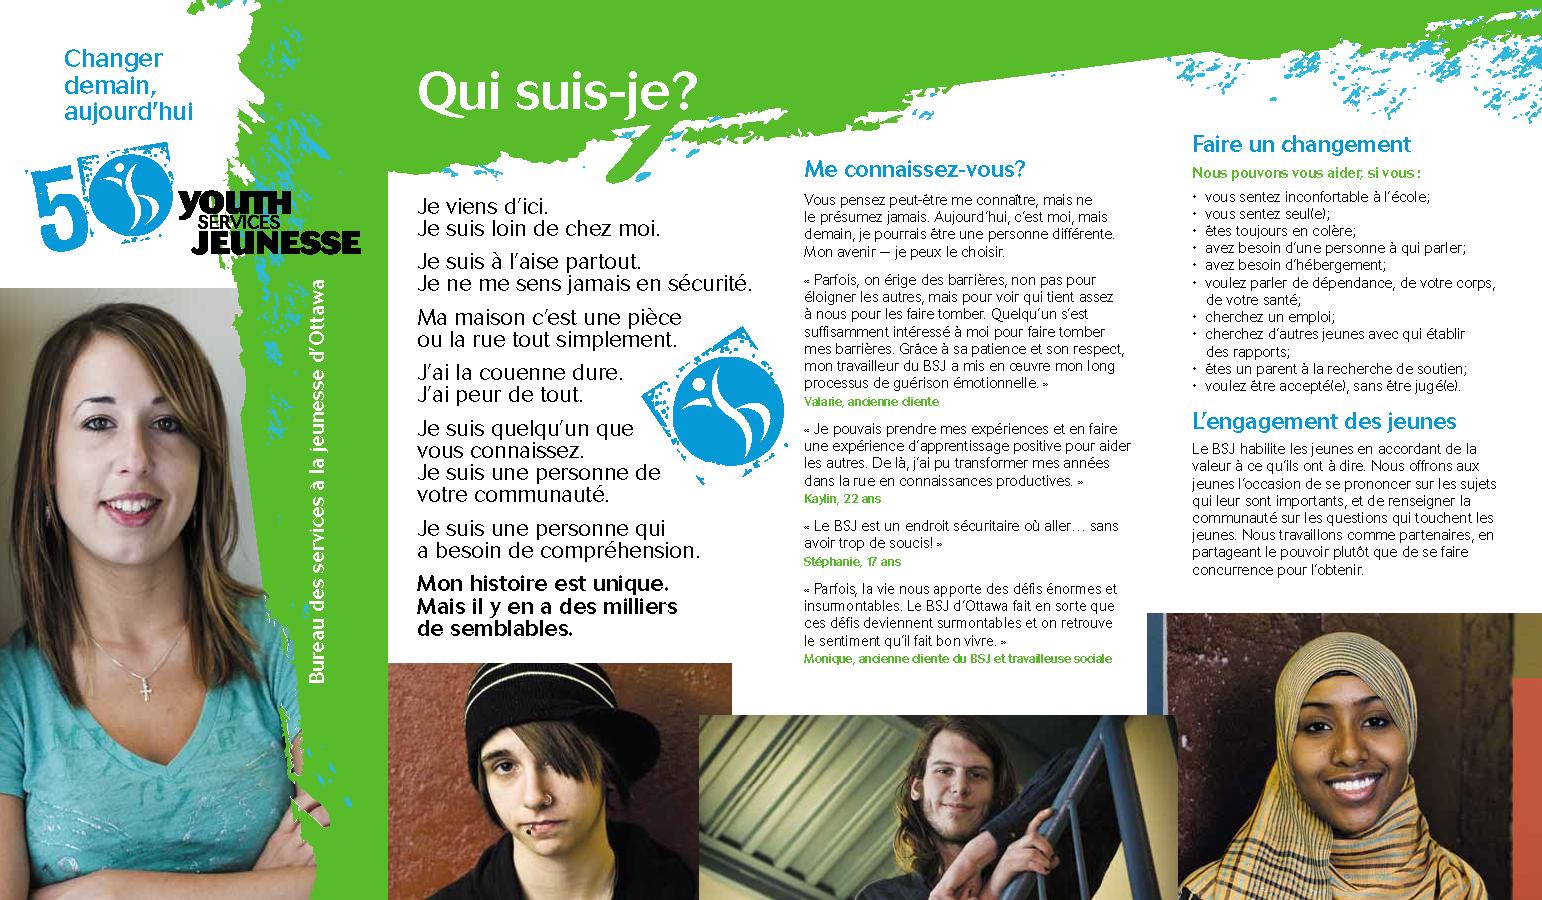 21726_ysb_pamphlet_fr